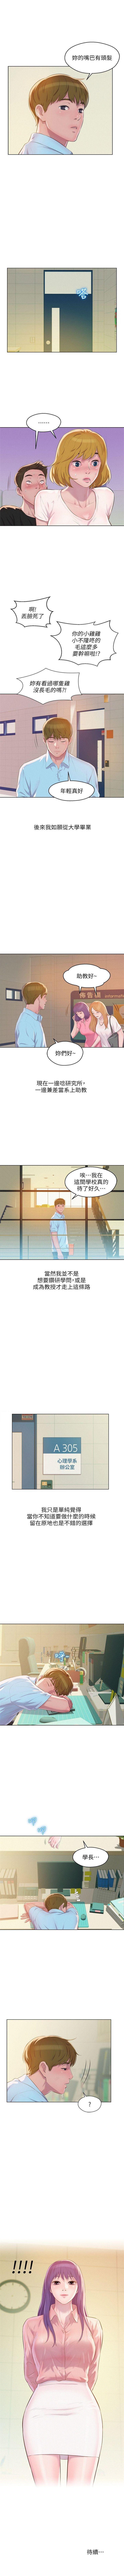 新生淫乱日记 1-61完结(中文) 326